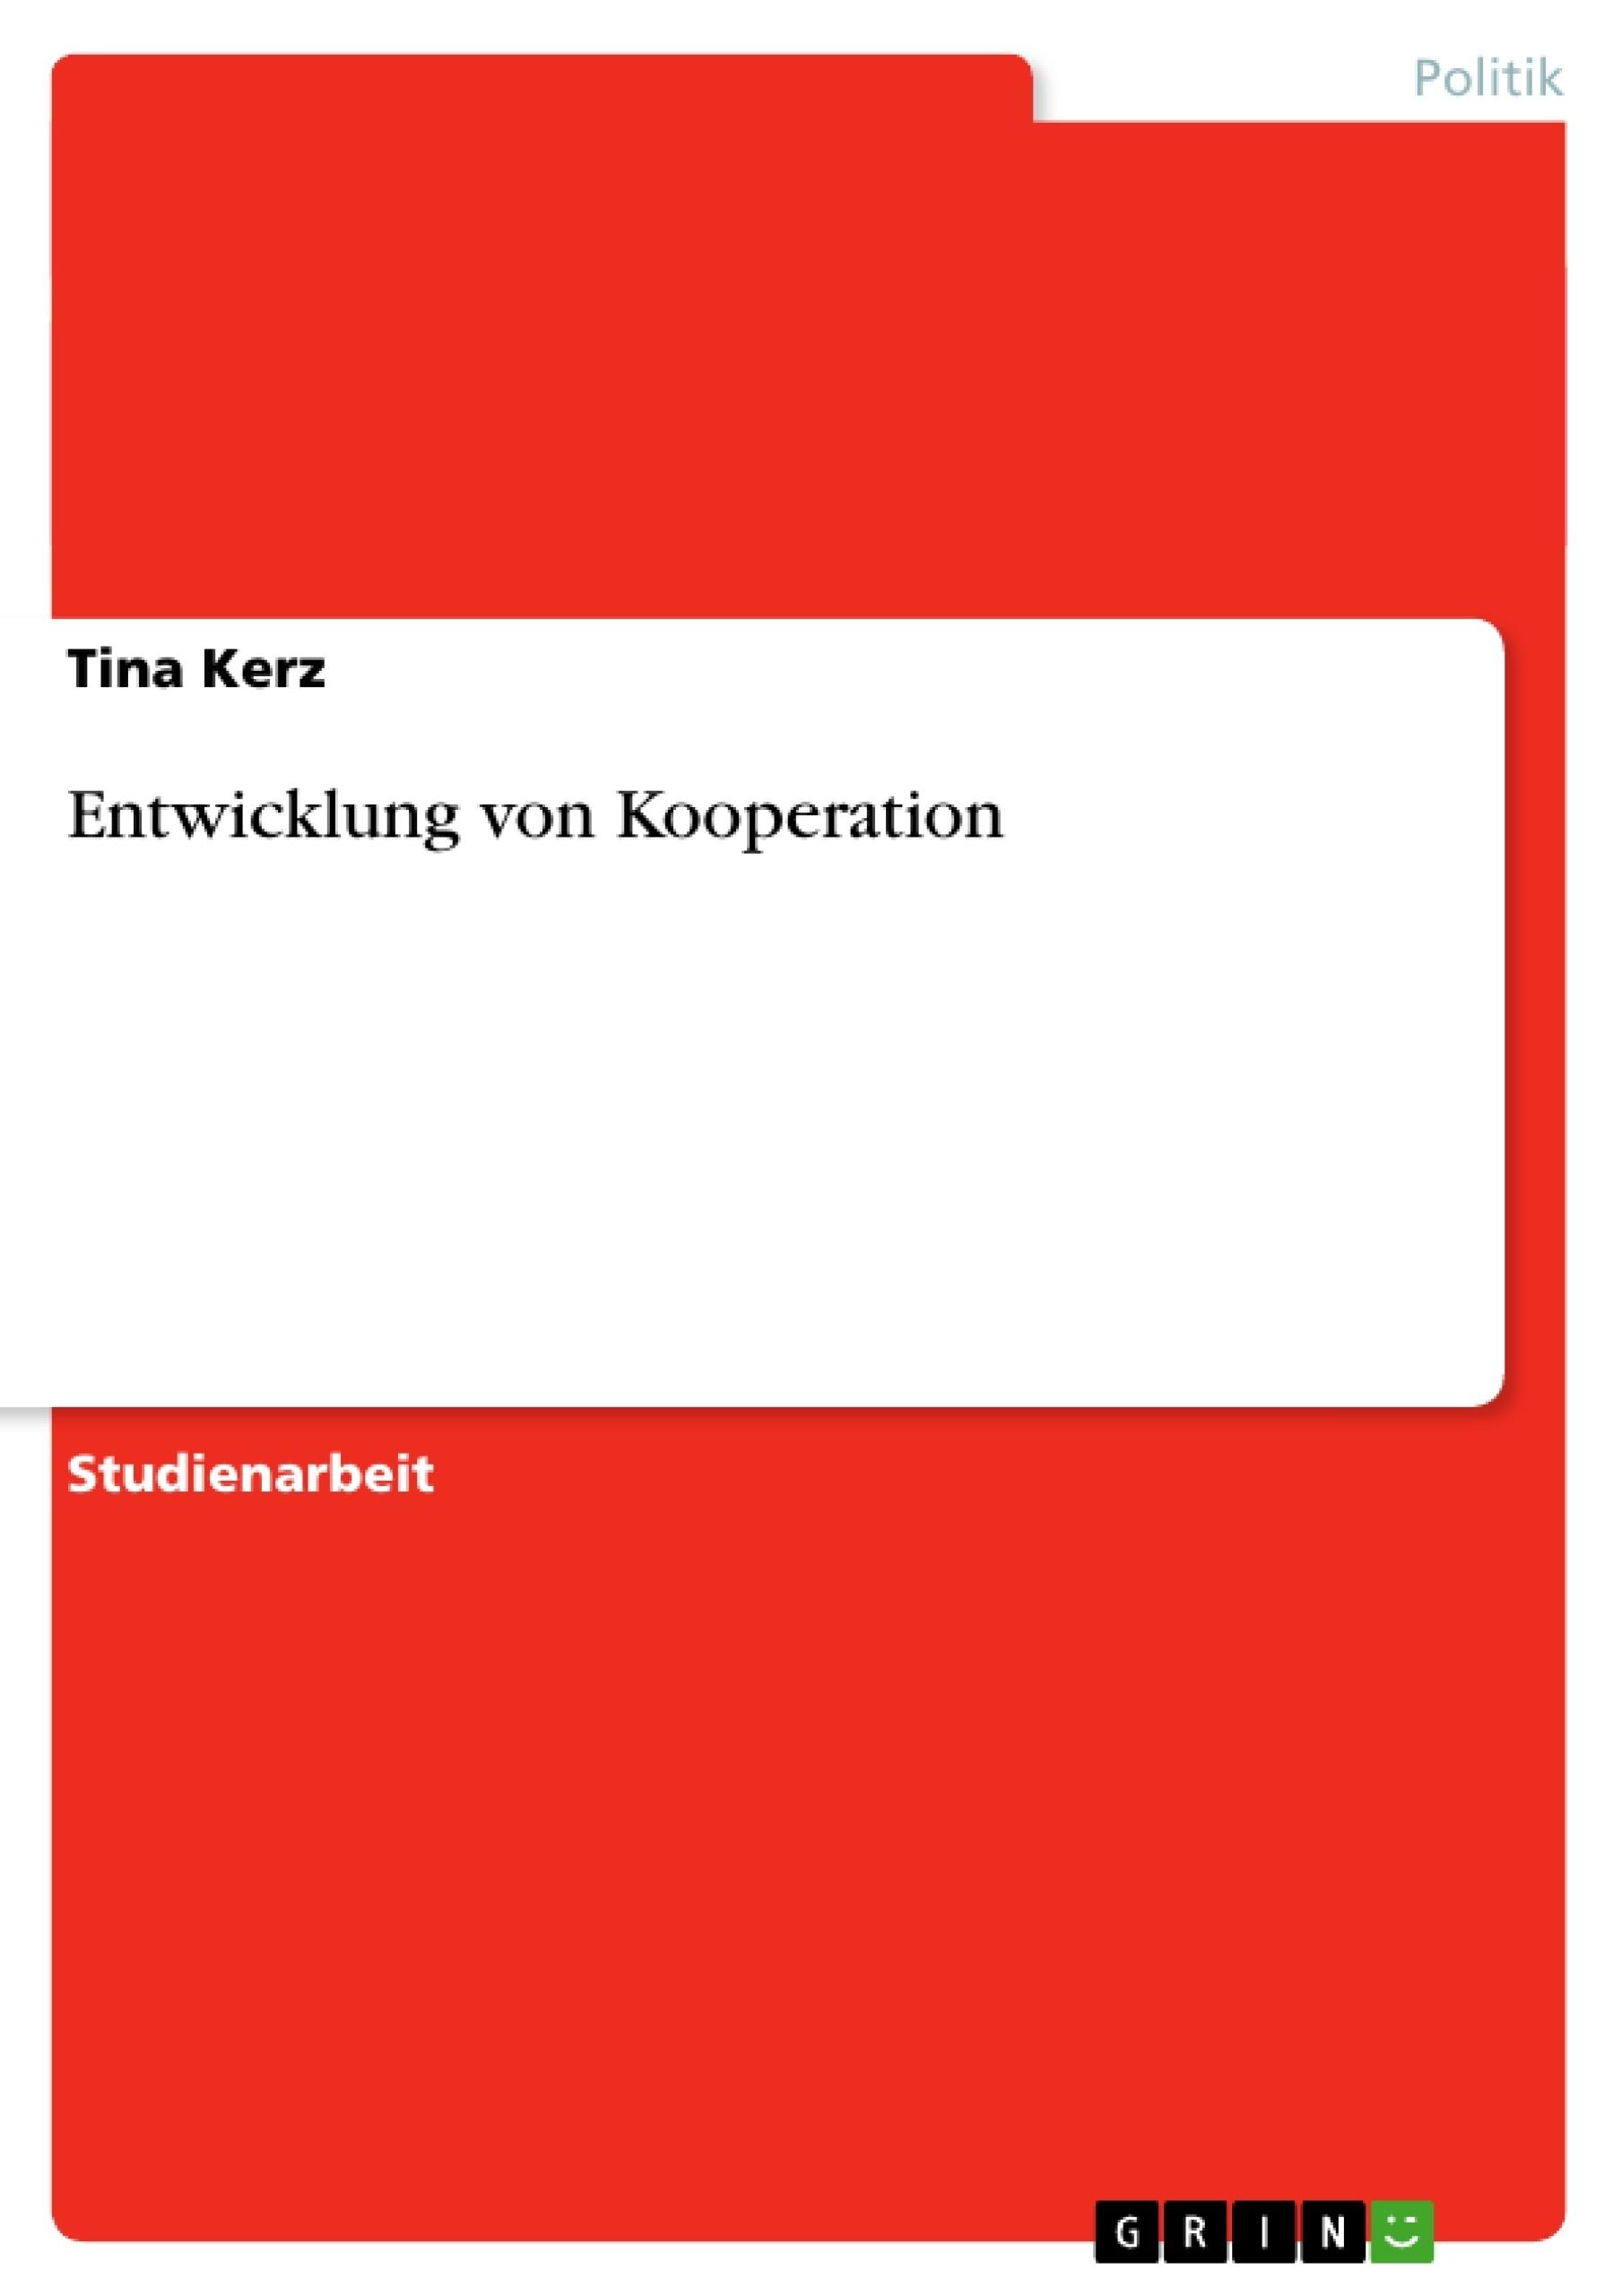 Titel: Entwicklung von Kooperation